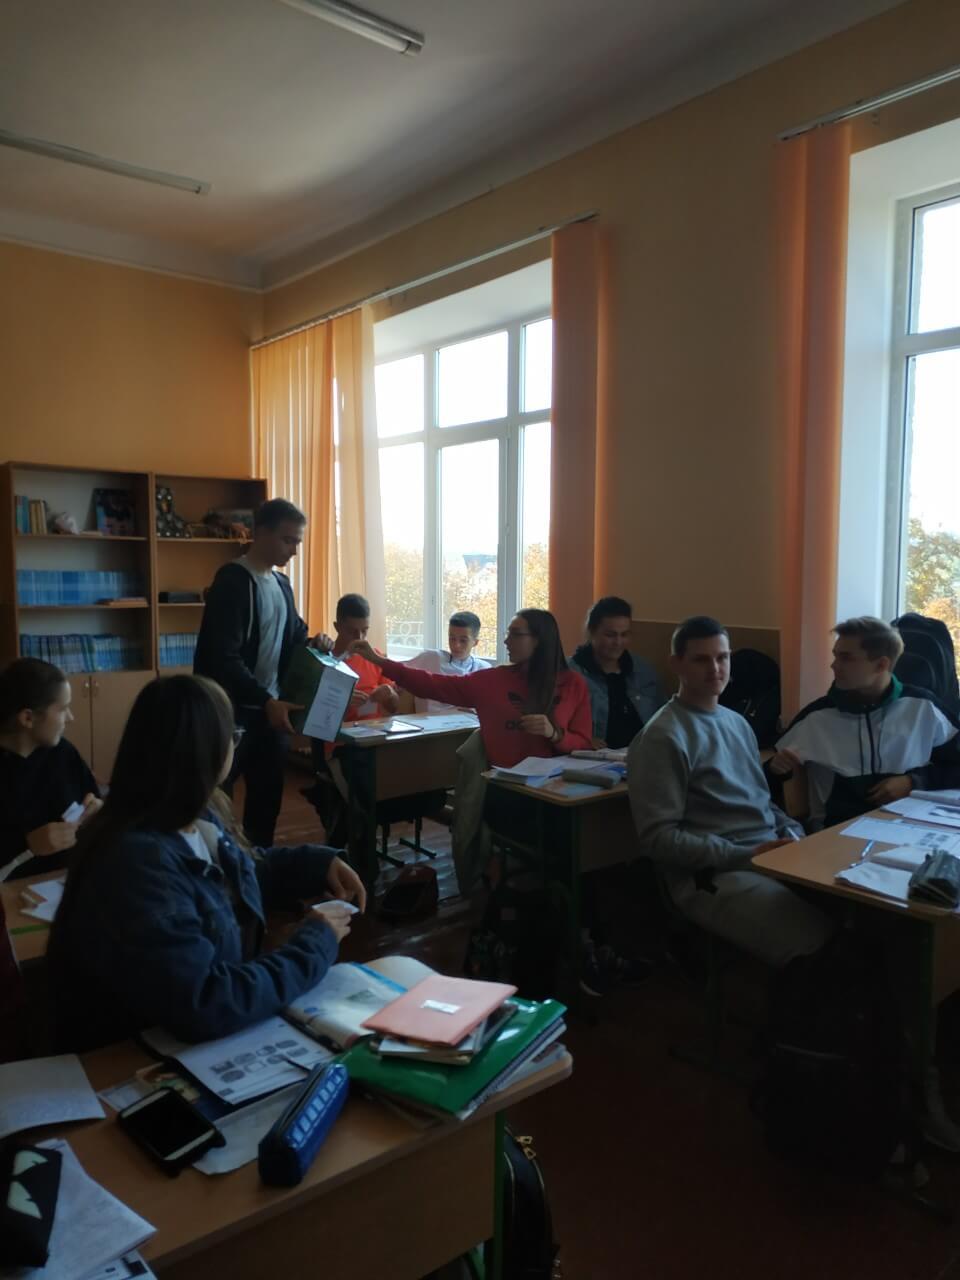 zobrazhennya viber 2019 09 25 16 09 591 - Вибори президента учнівського самоврядування